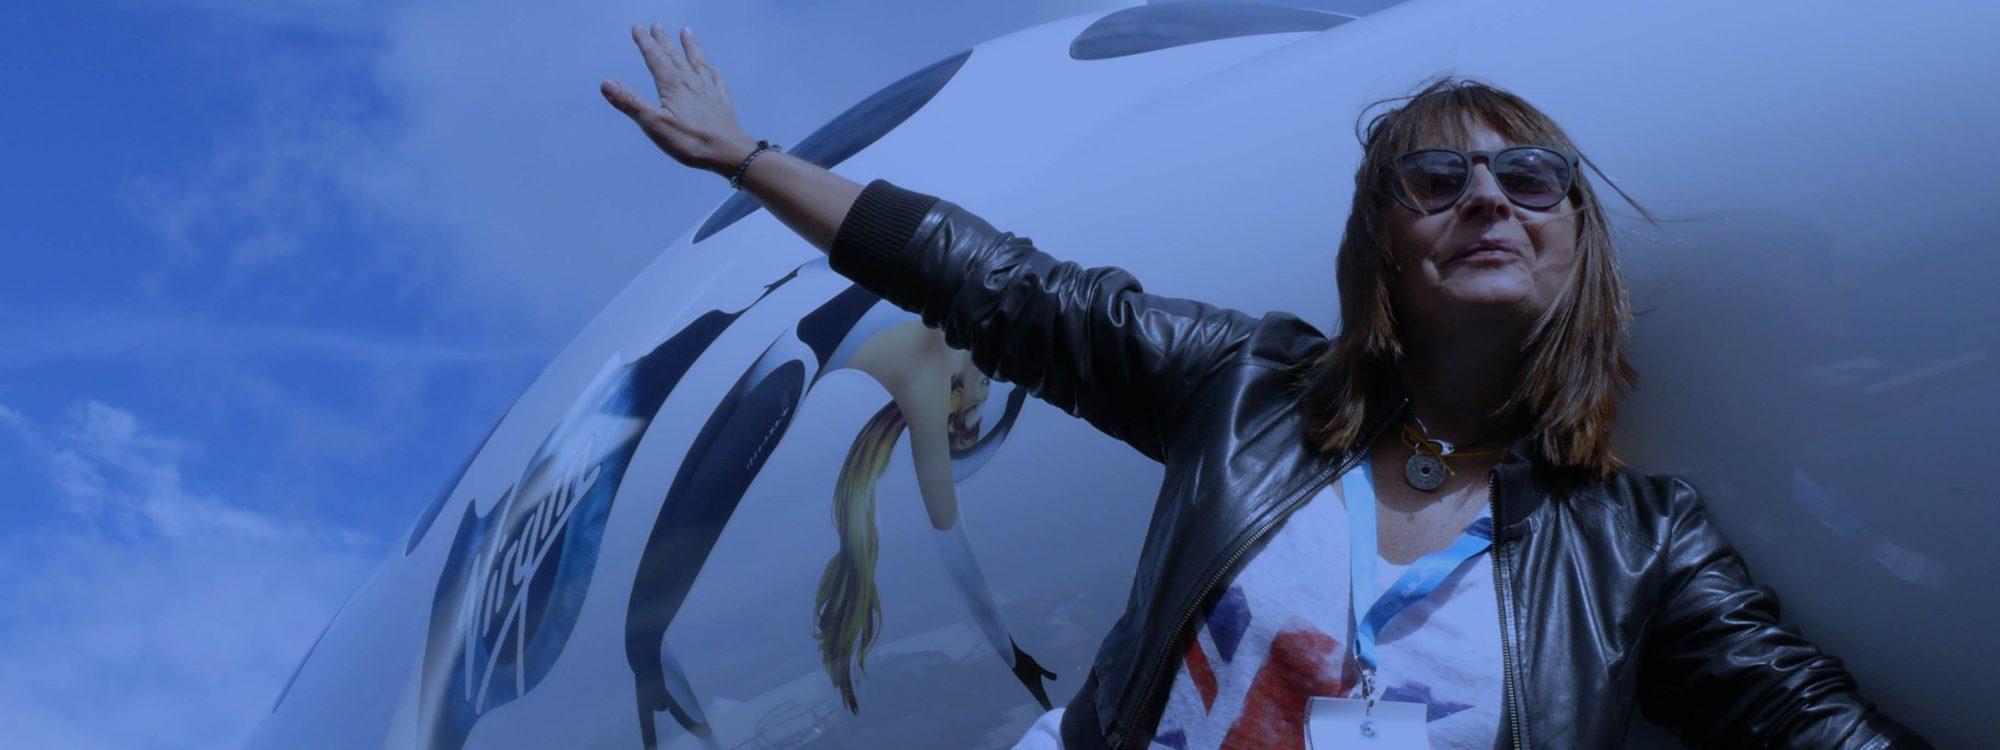 Bru & Bru agencia de viajes exclusivos, Ana Bru volará a la estratosfera con Virgin Galactic